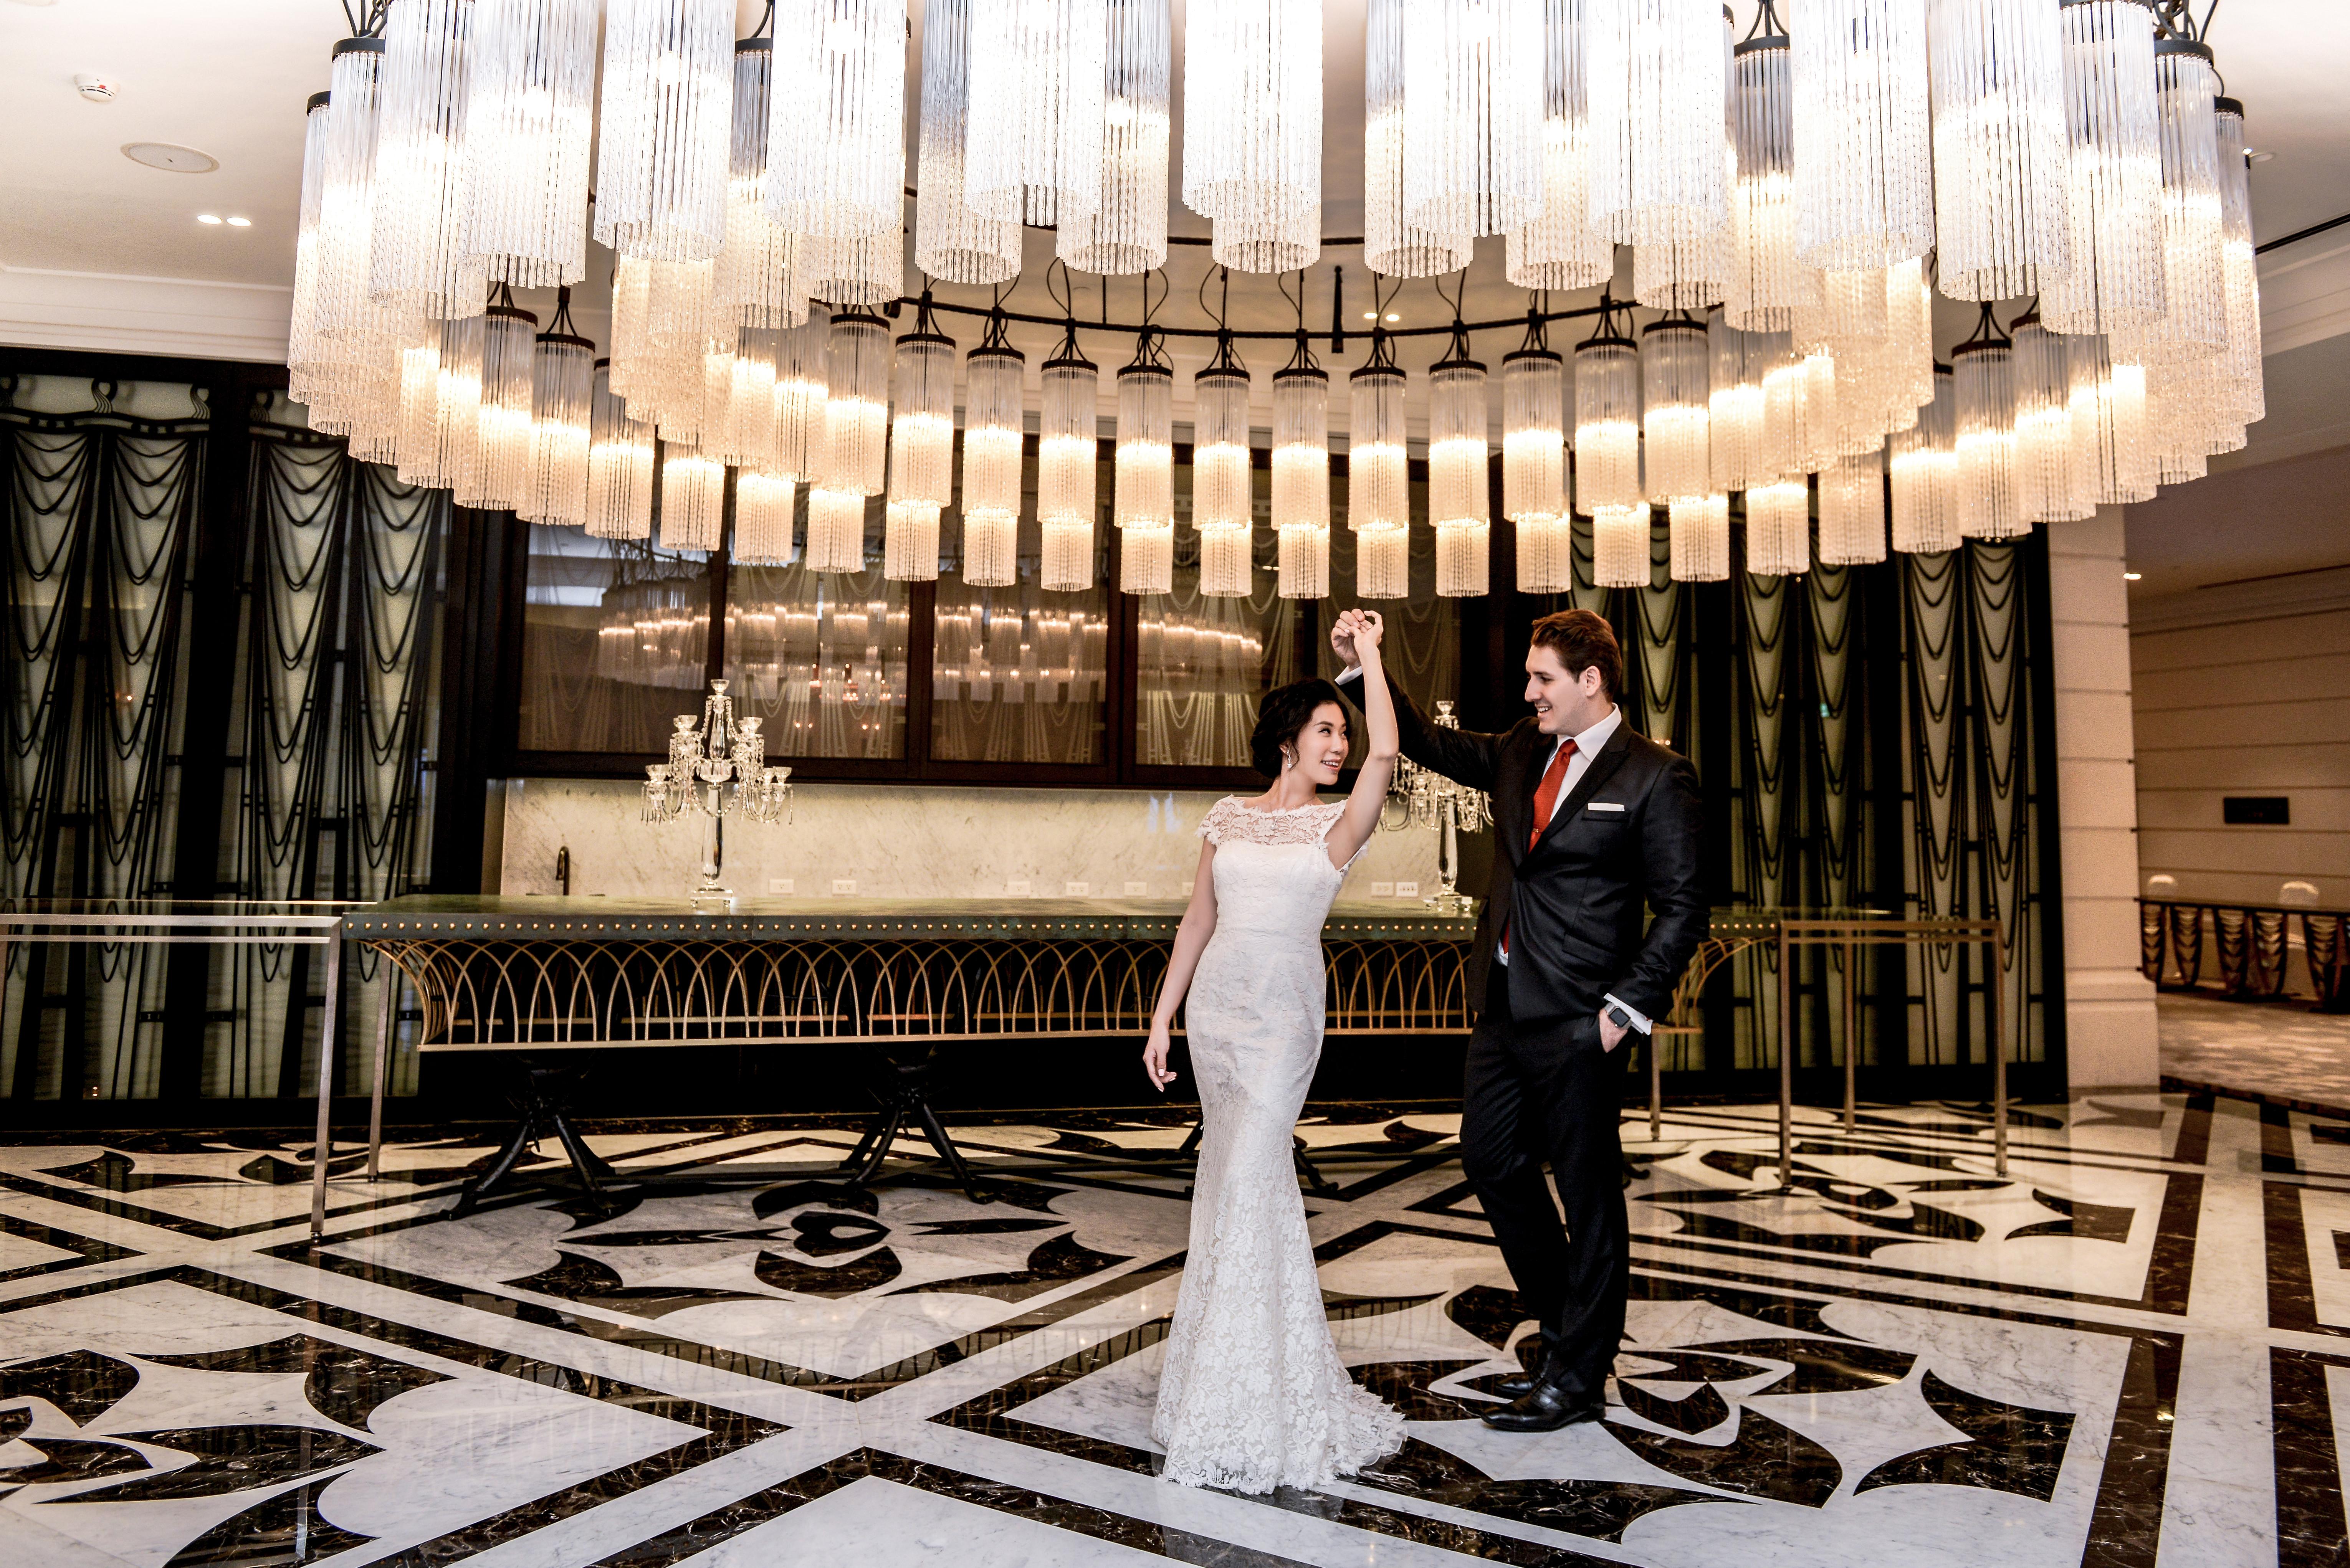 台灣婚禮紀錄 單儀式晚宴Wedding Service